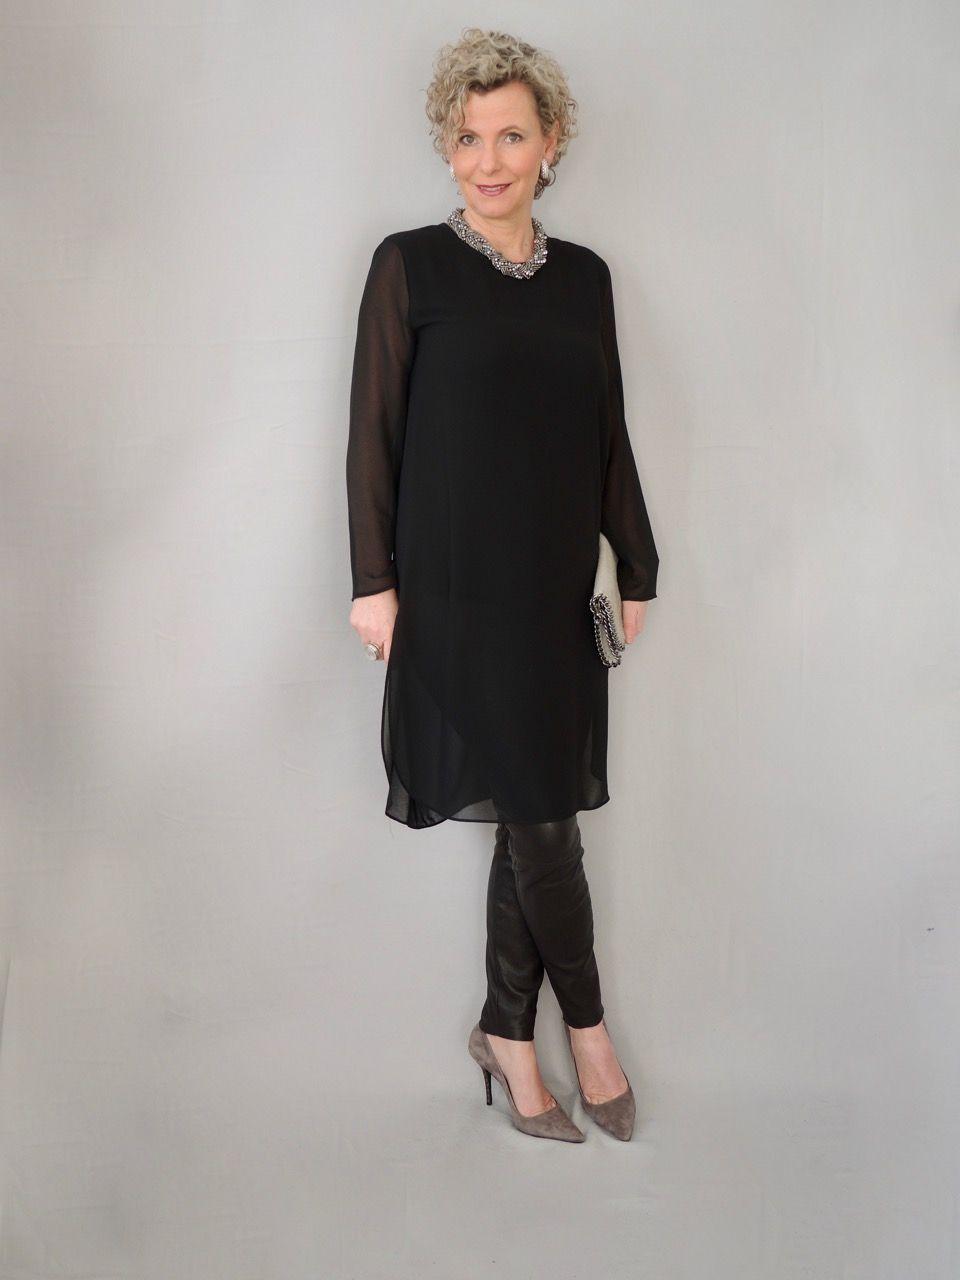 Happy New Year - women13style  Kleider für frauen, Mode, Modeideen